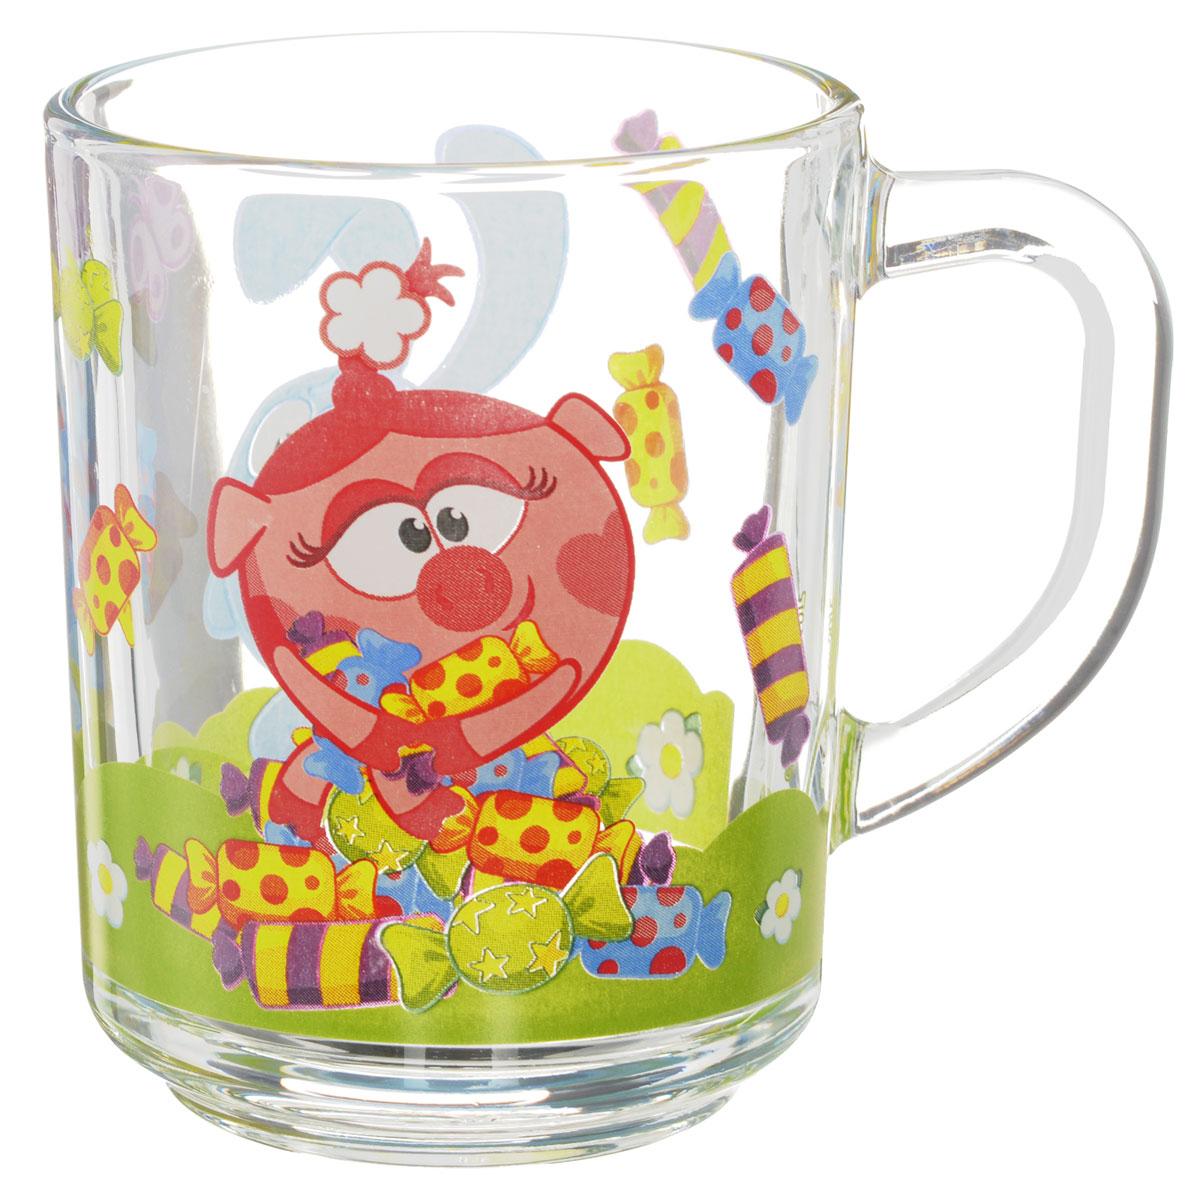 Смешарики Кружка детская Конфеты 250 млСШК250-1Детская кружка Смешарики Конфеты с любимыми героями станет отличным подарком для вашего ребенка. Она выполнена из стекла и оформлена изображением героев мультсериала Смешарики. Кружка дополнена удобной ручкой. Такой подарок станет не только приятным, но и практичным сувениром: кружка будет незаменимым атрибутом чаепития, а оригинальное оформление кружки добавит ярких эмоций и хорошего настроения. Можно мыть в посудомоечной машине.